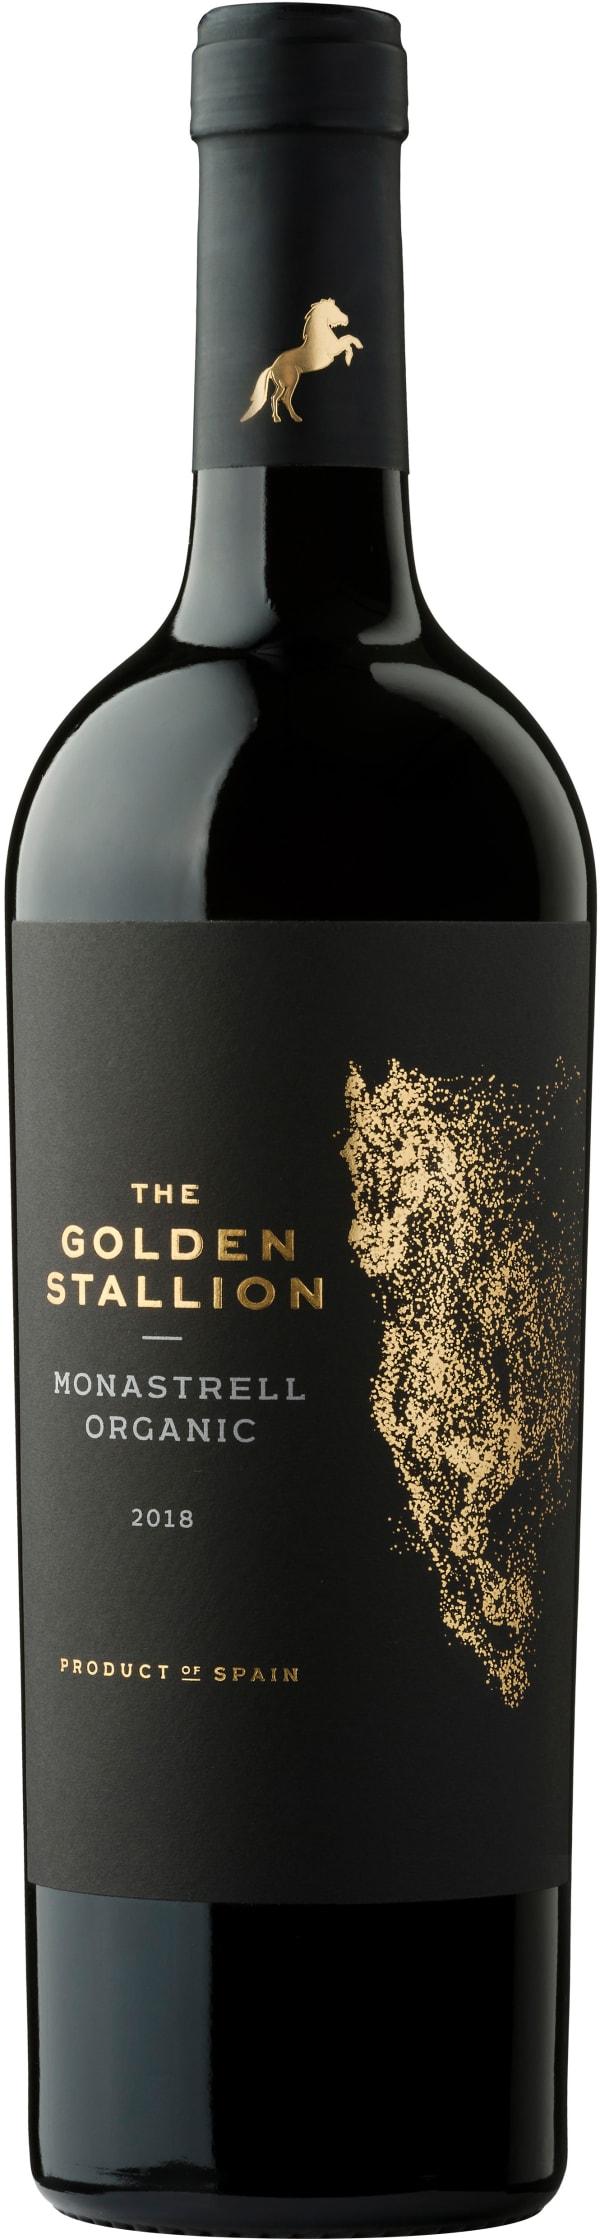 The Golden Stallion Organic Monastrell 2018